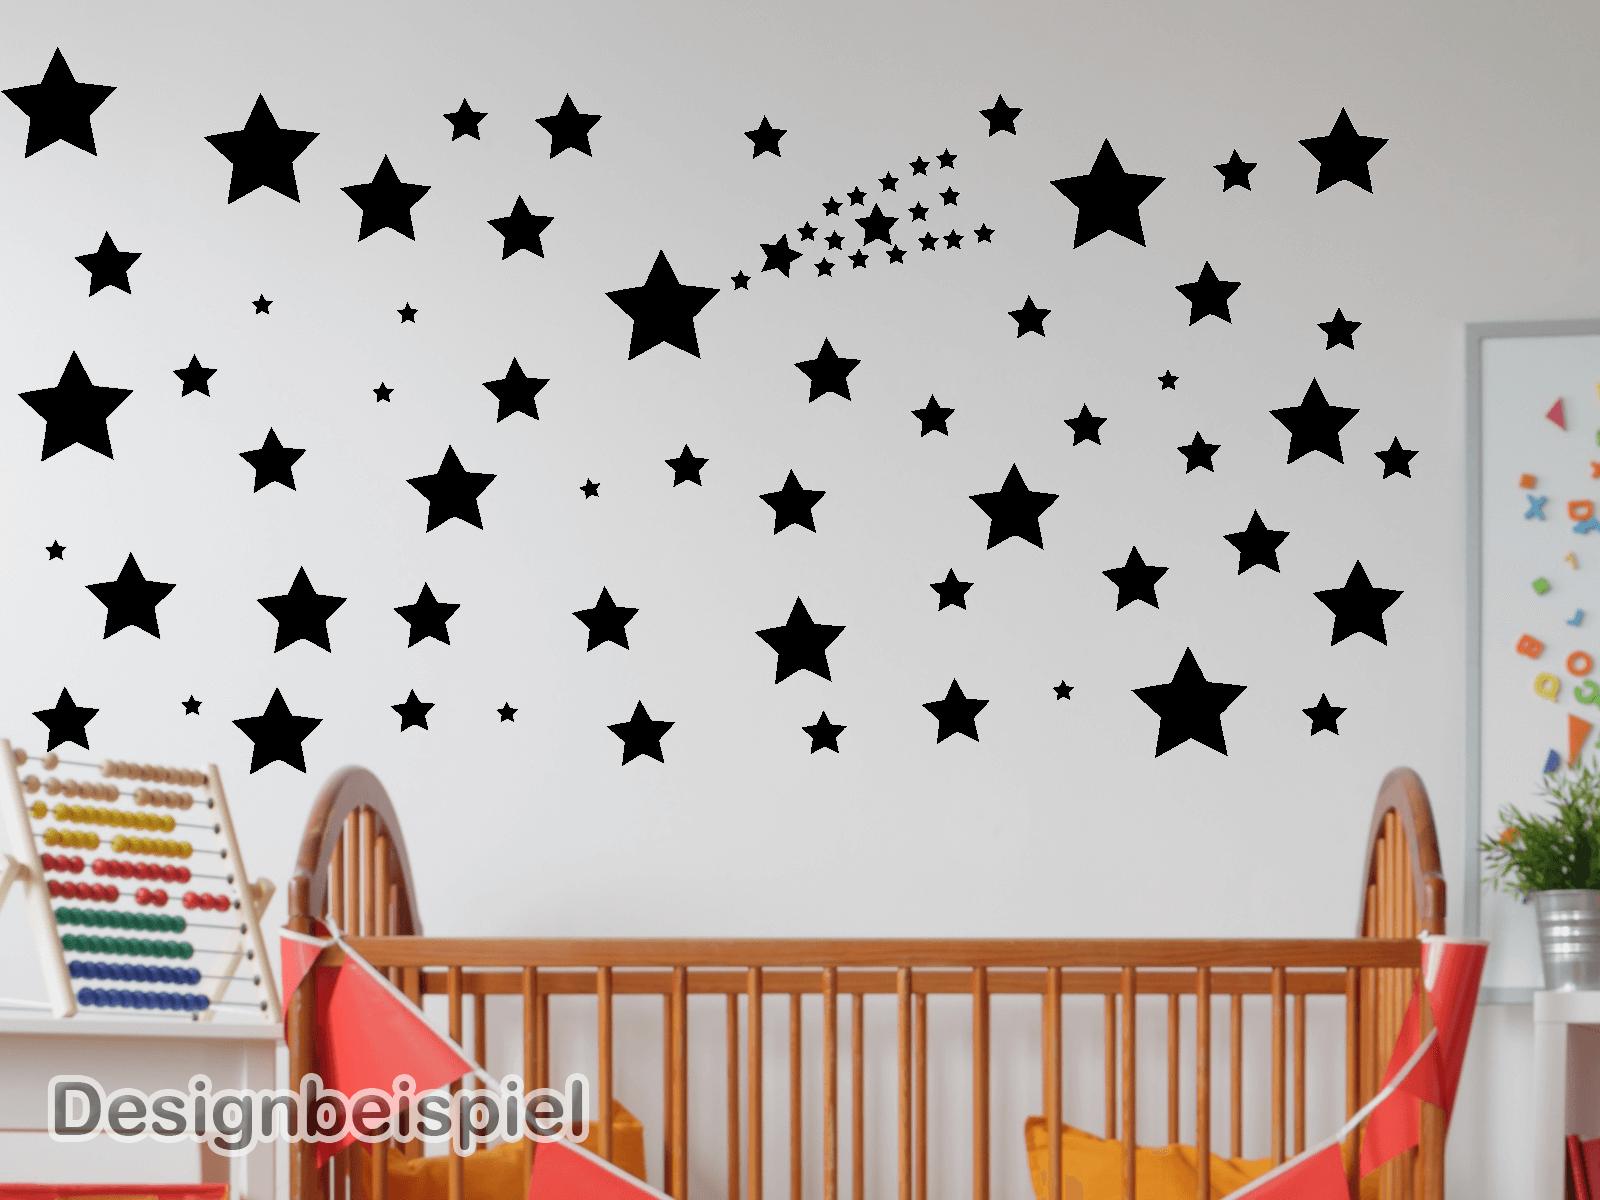 Elegant Sterne Wandtattoo Foto Von Sterne-set